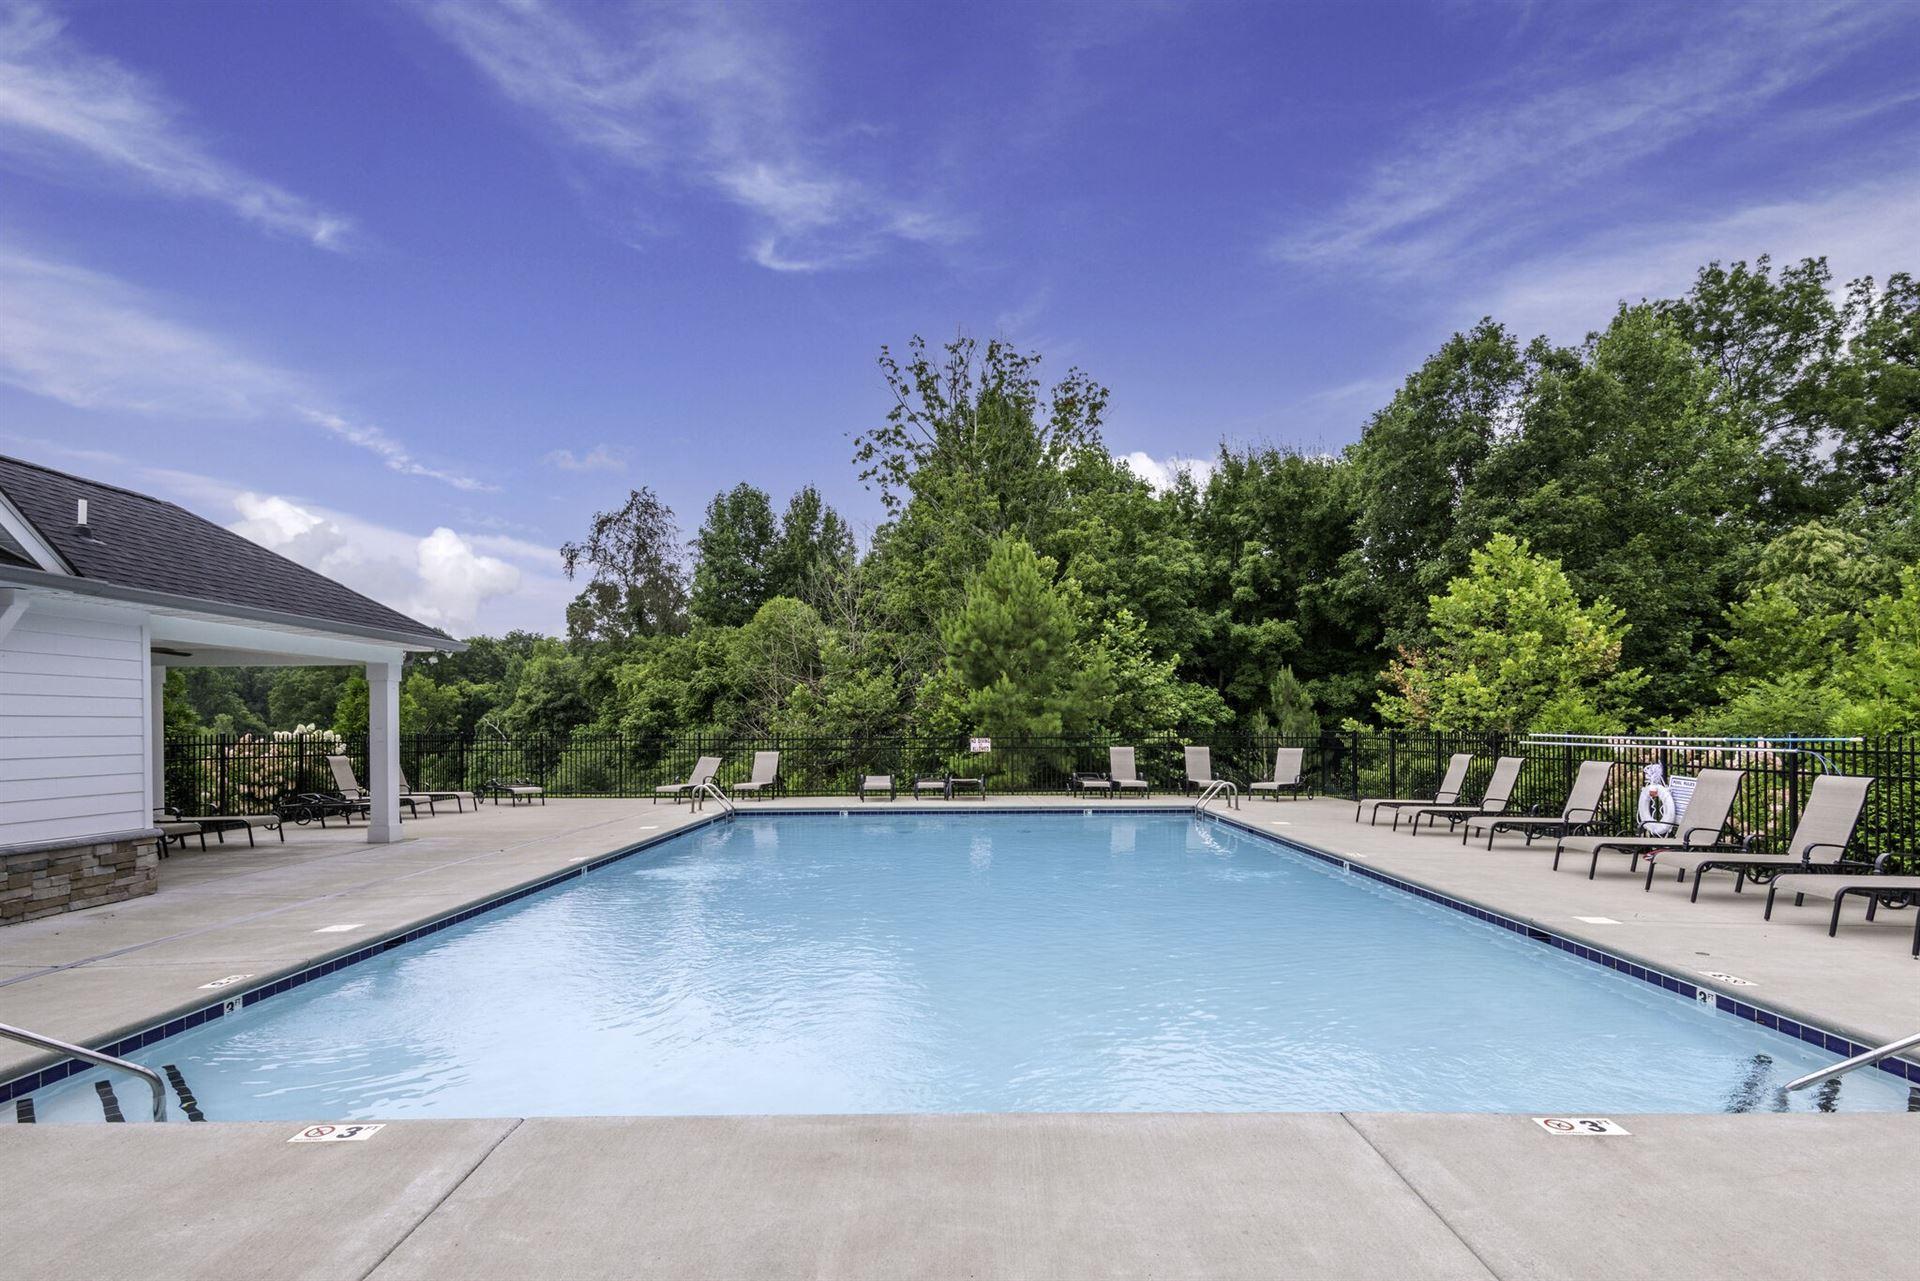 330 Wyburn Place (Lot 73), Burns, TN 37029 - MLS#: 2246577